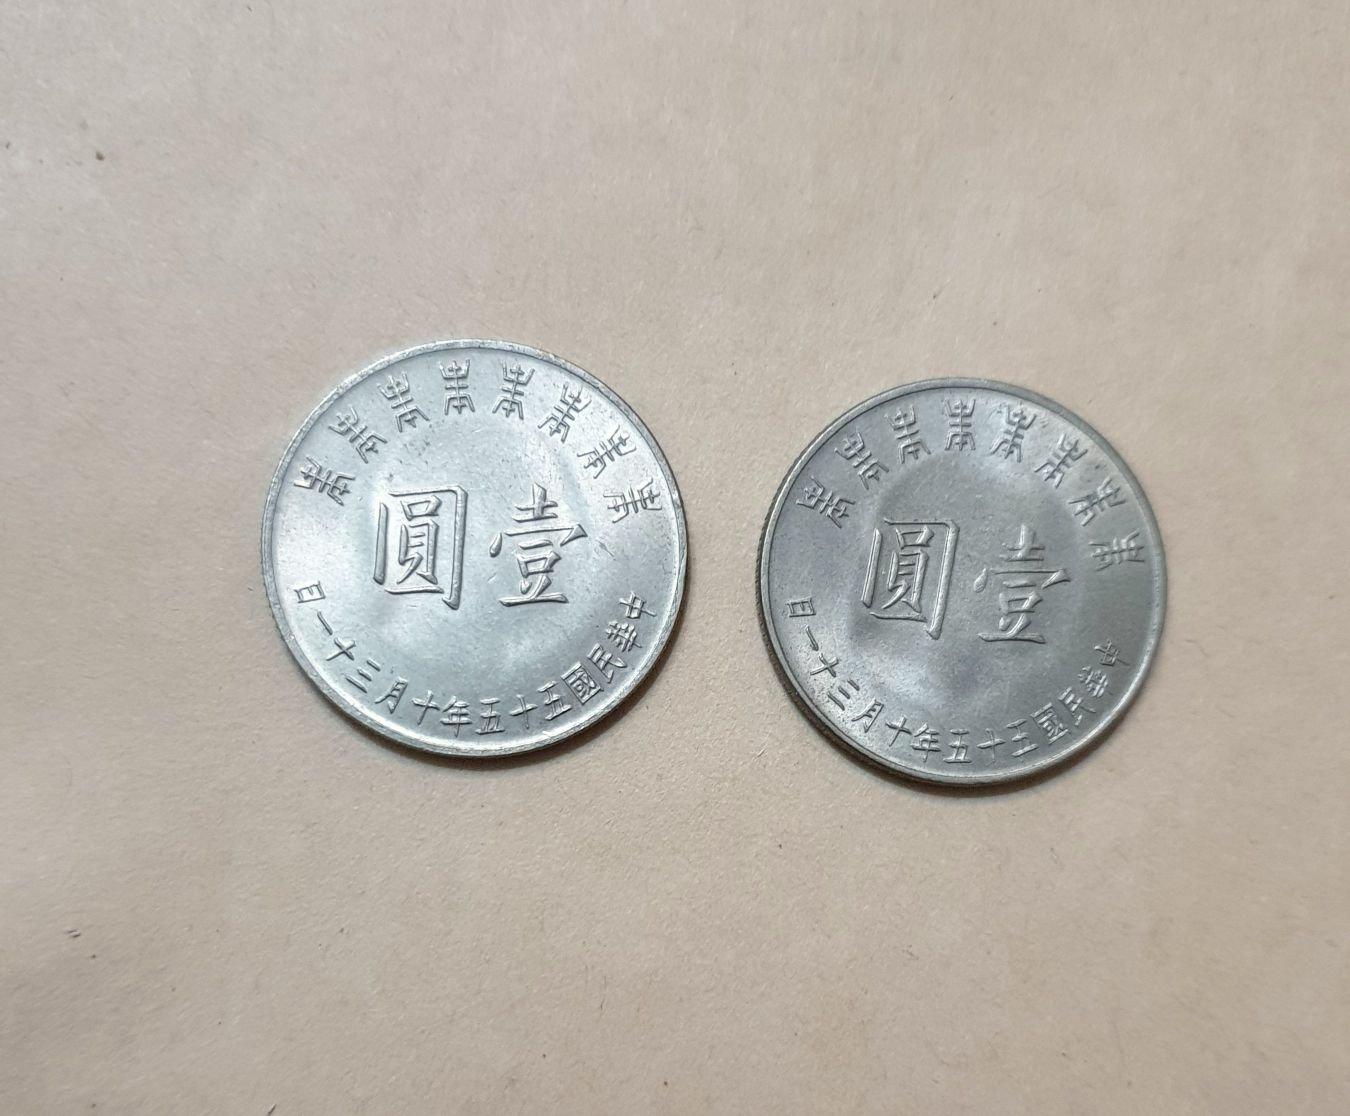 拍賣家當~台灣錢幣中華民國55年蔣總統八秩華誕紀念幣硬幣壹圓2枚